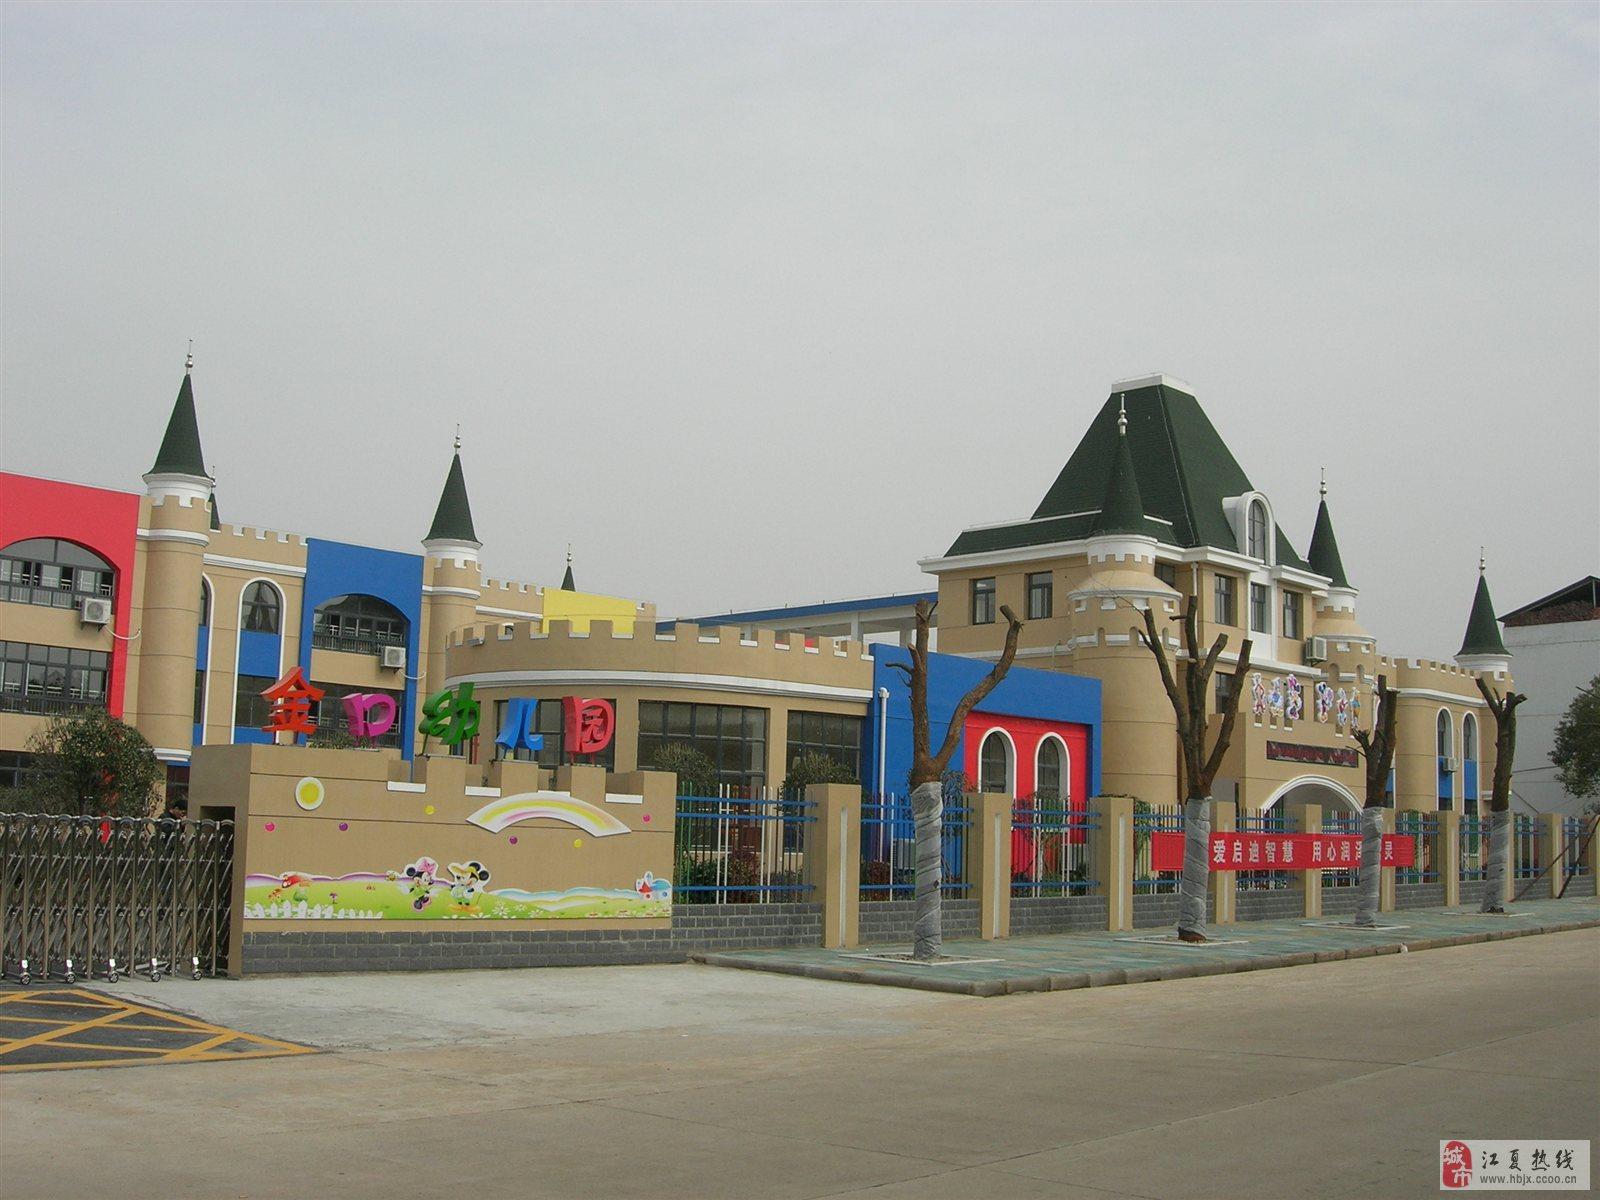 一座城堡式幼儿园——金口中心幼儿园开园了图片